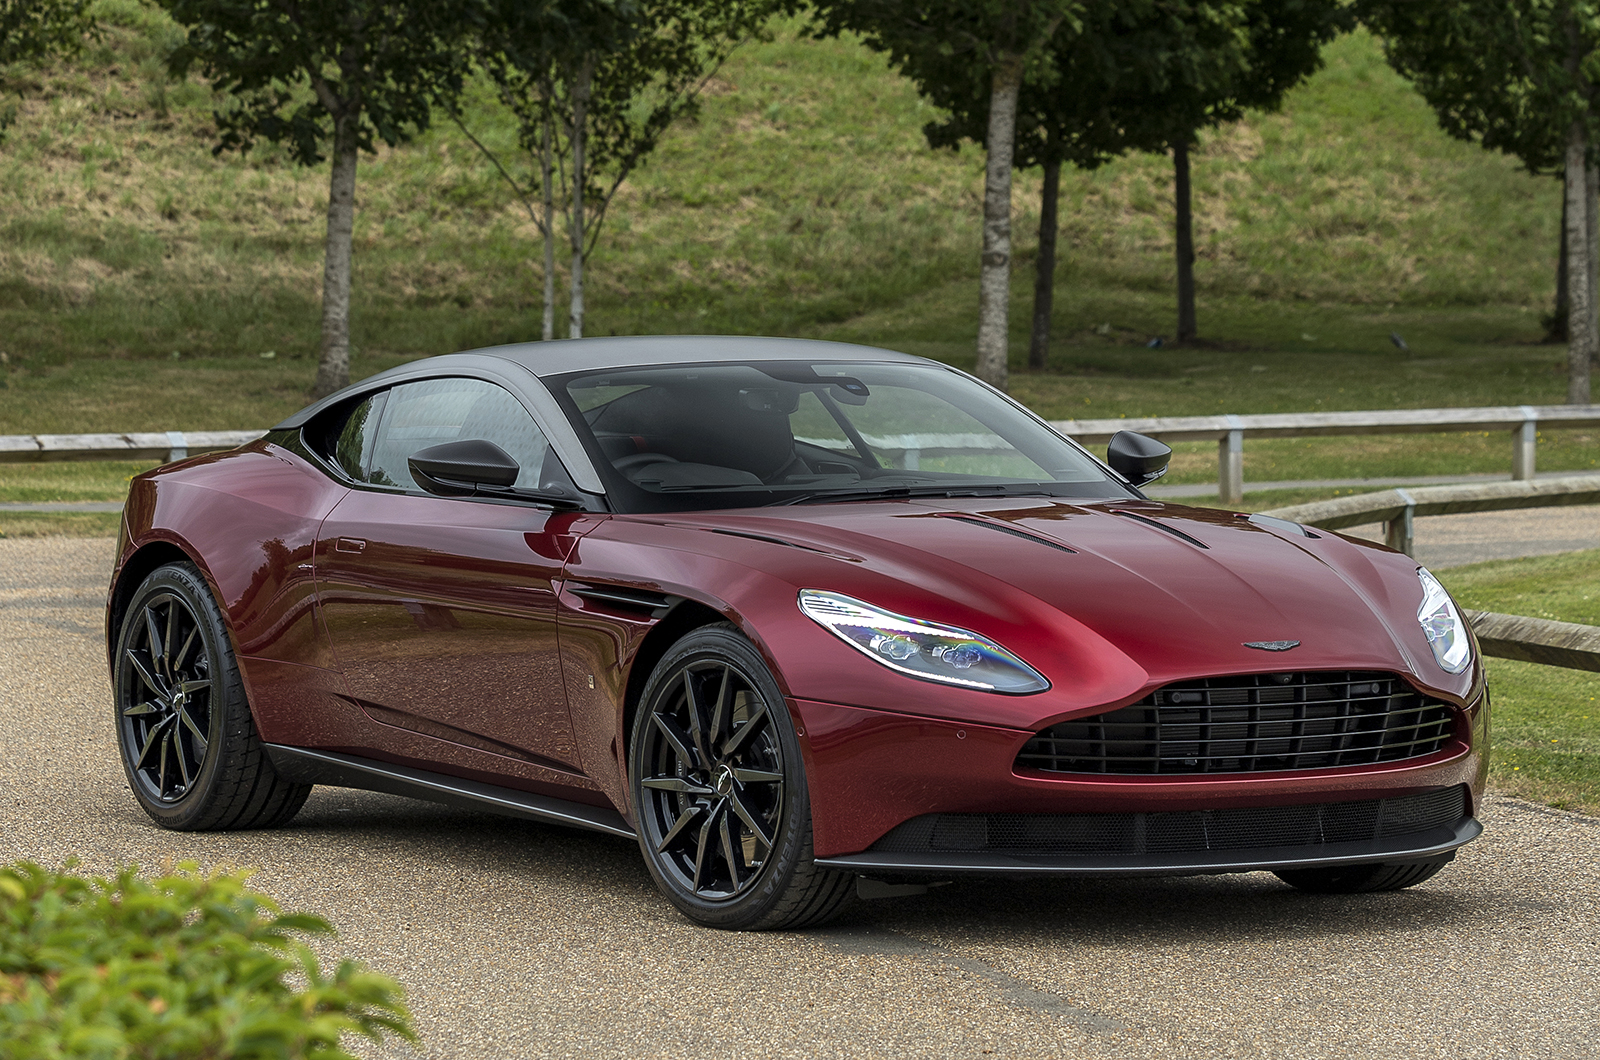 Одноразовое издание Aston Martin DB11 Henley Royal Regatta показало, что